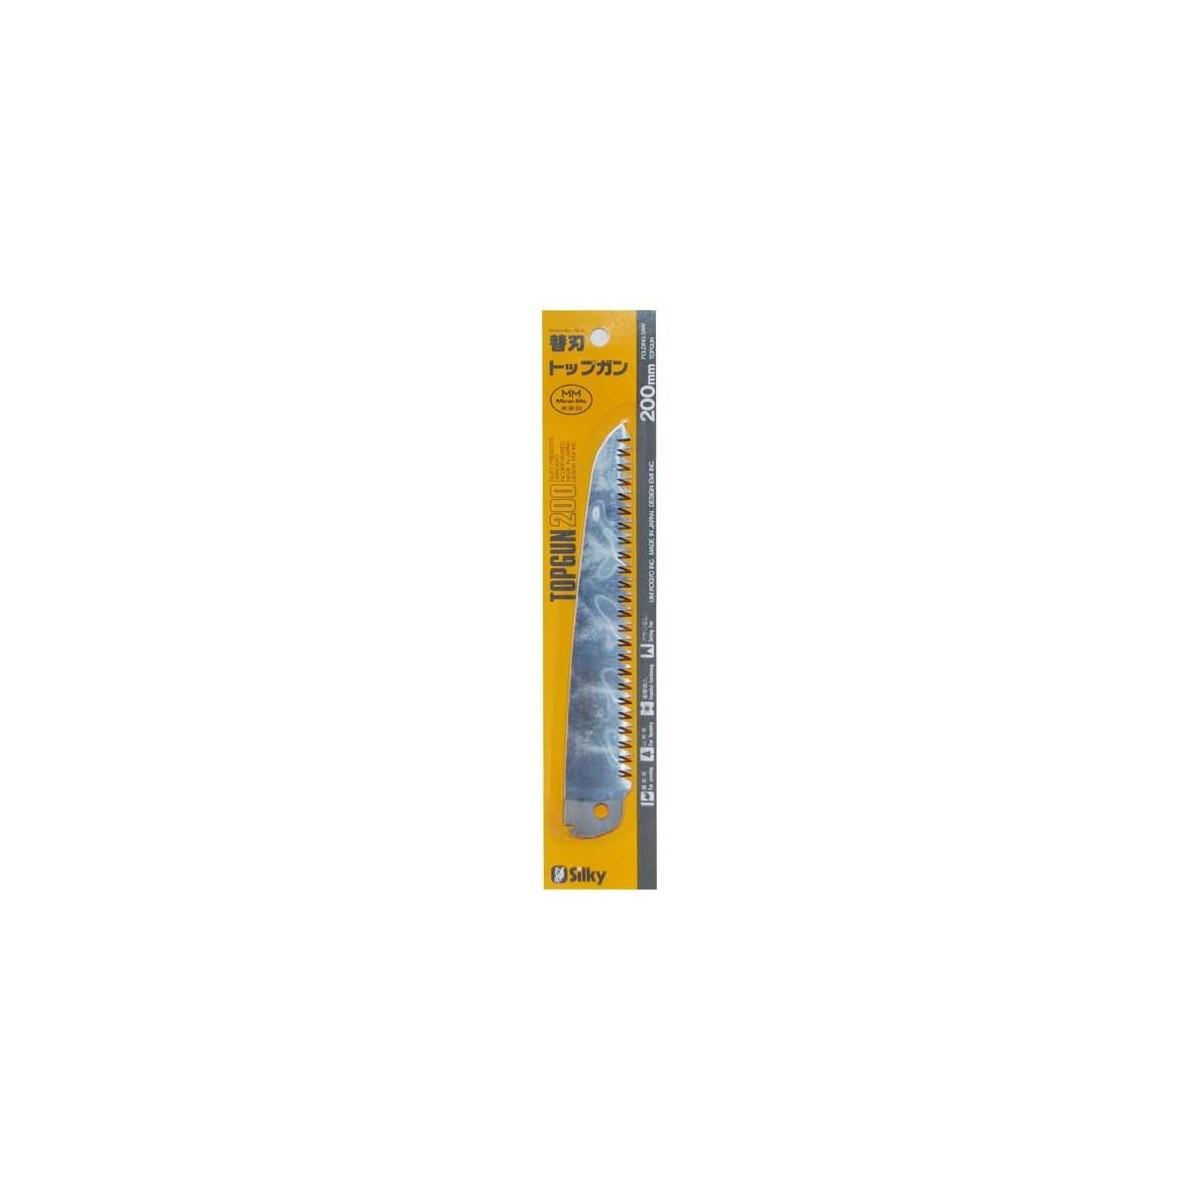 silky cuchilla recambio topgun 200